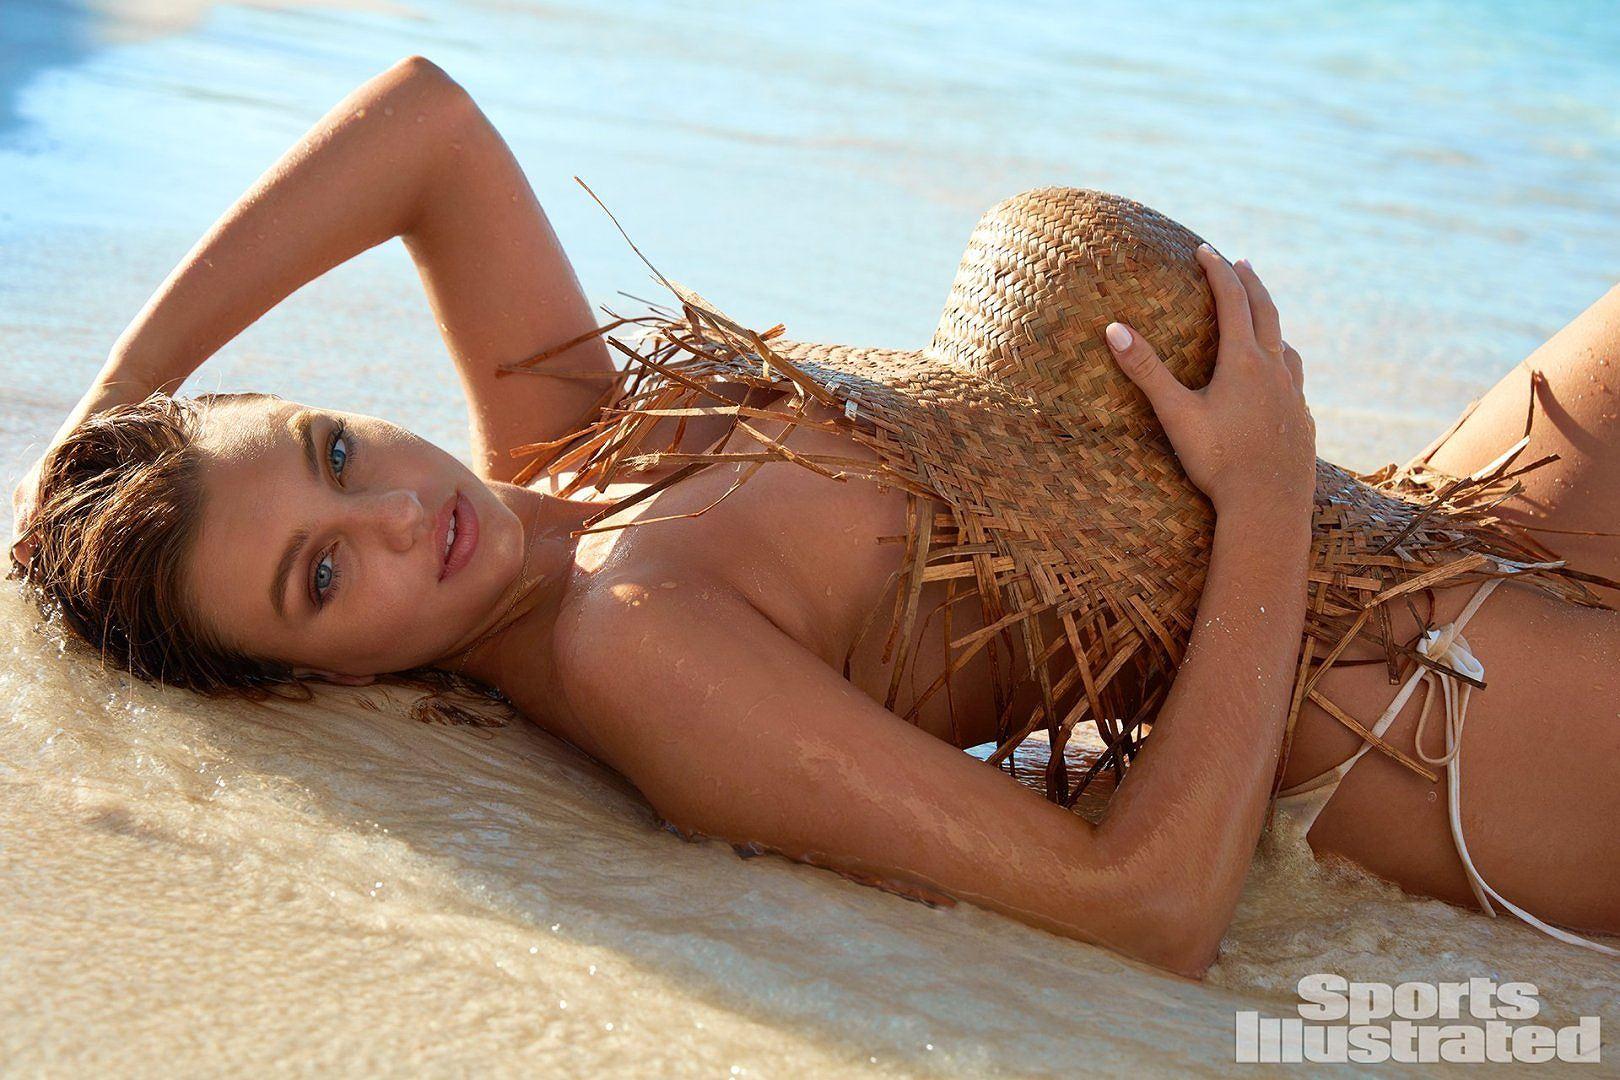 Đường cong rực lửa của tân binh tạp chí áo bơi danh tiếng Sports Illustrated - Hình 2